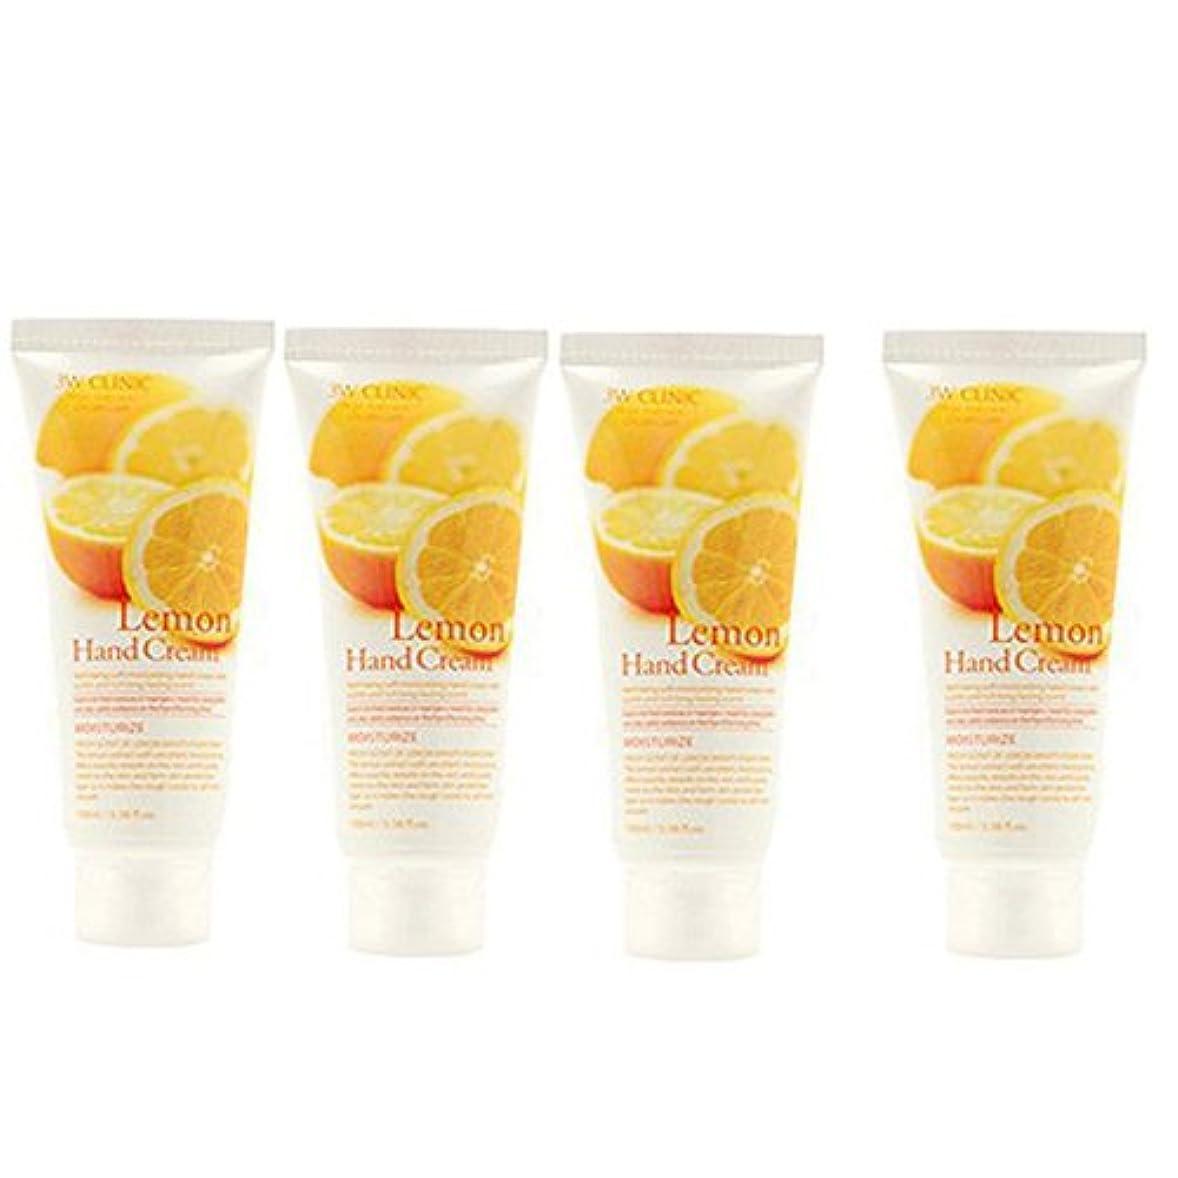 太平洋諸島好奇心ストロー3w Clinic[韓国コスメARRAHAN]Moisturizing Lemon Hand Cream モイスチャーリングレモンハンドクリーム100mlX4個 [並行輸入品]